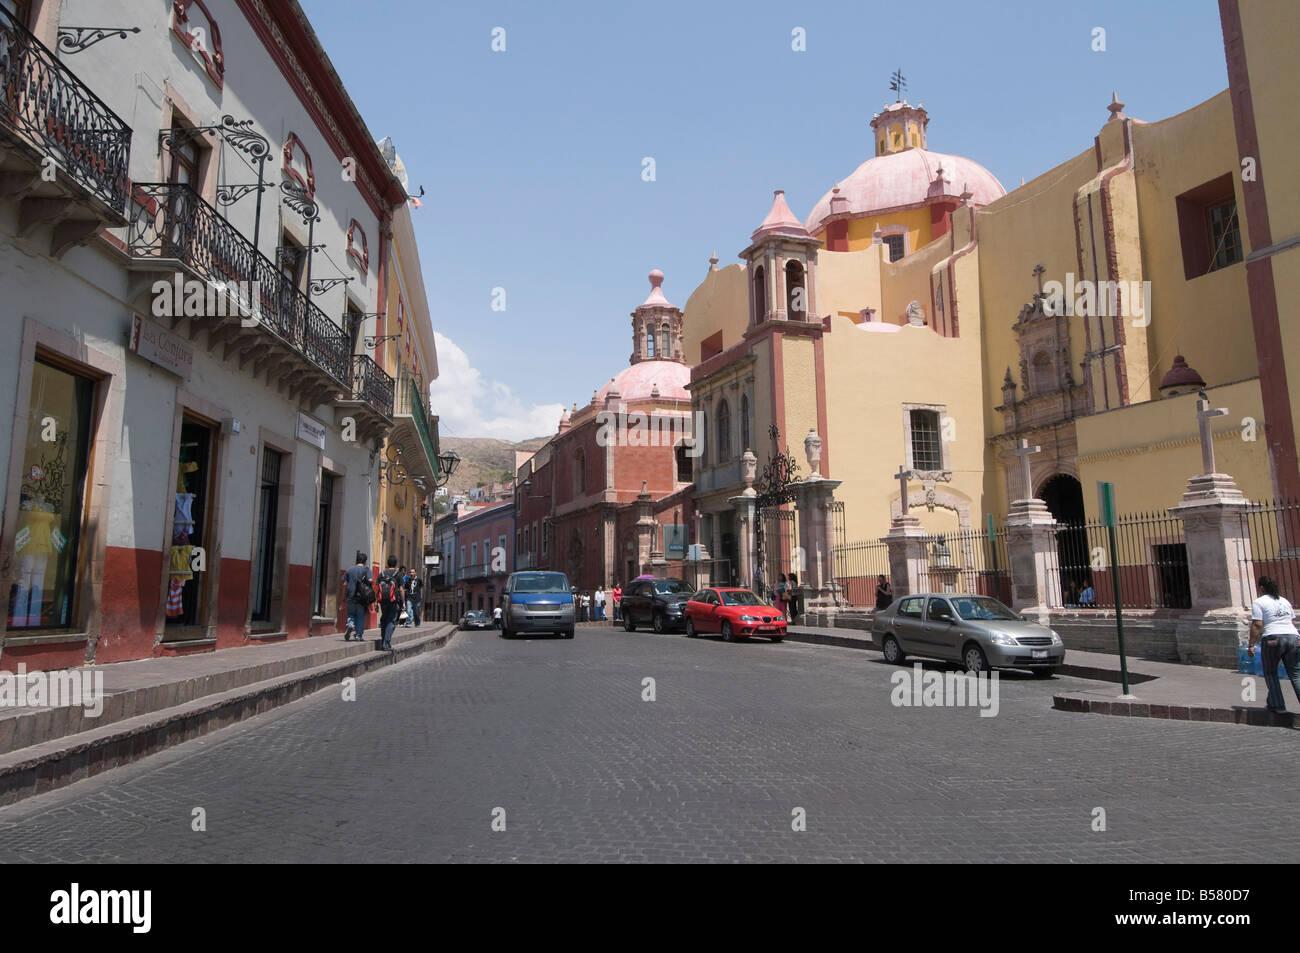 Plaza De La Paz in Guanajuato, ein UNESCO-Weltkulturerbe, Bundesstaat Guanajuato, Mexiko, Nordamerika Stockbild